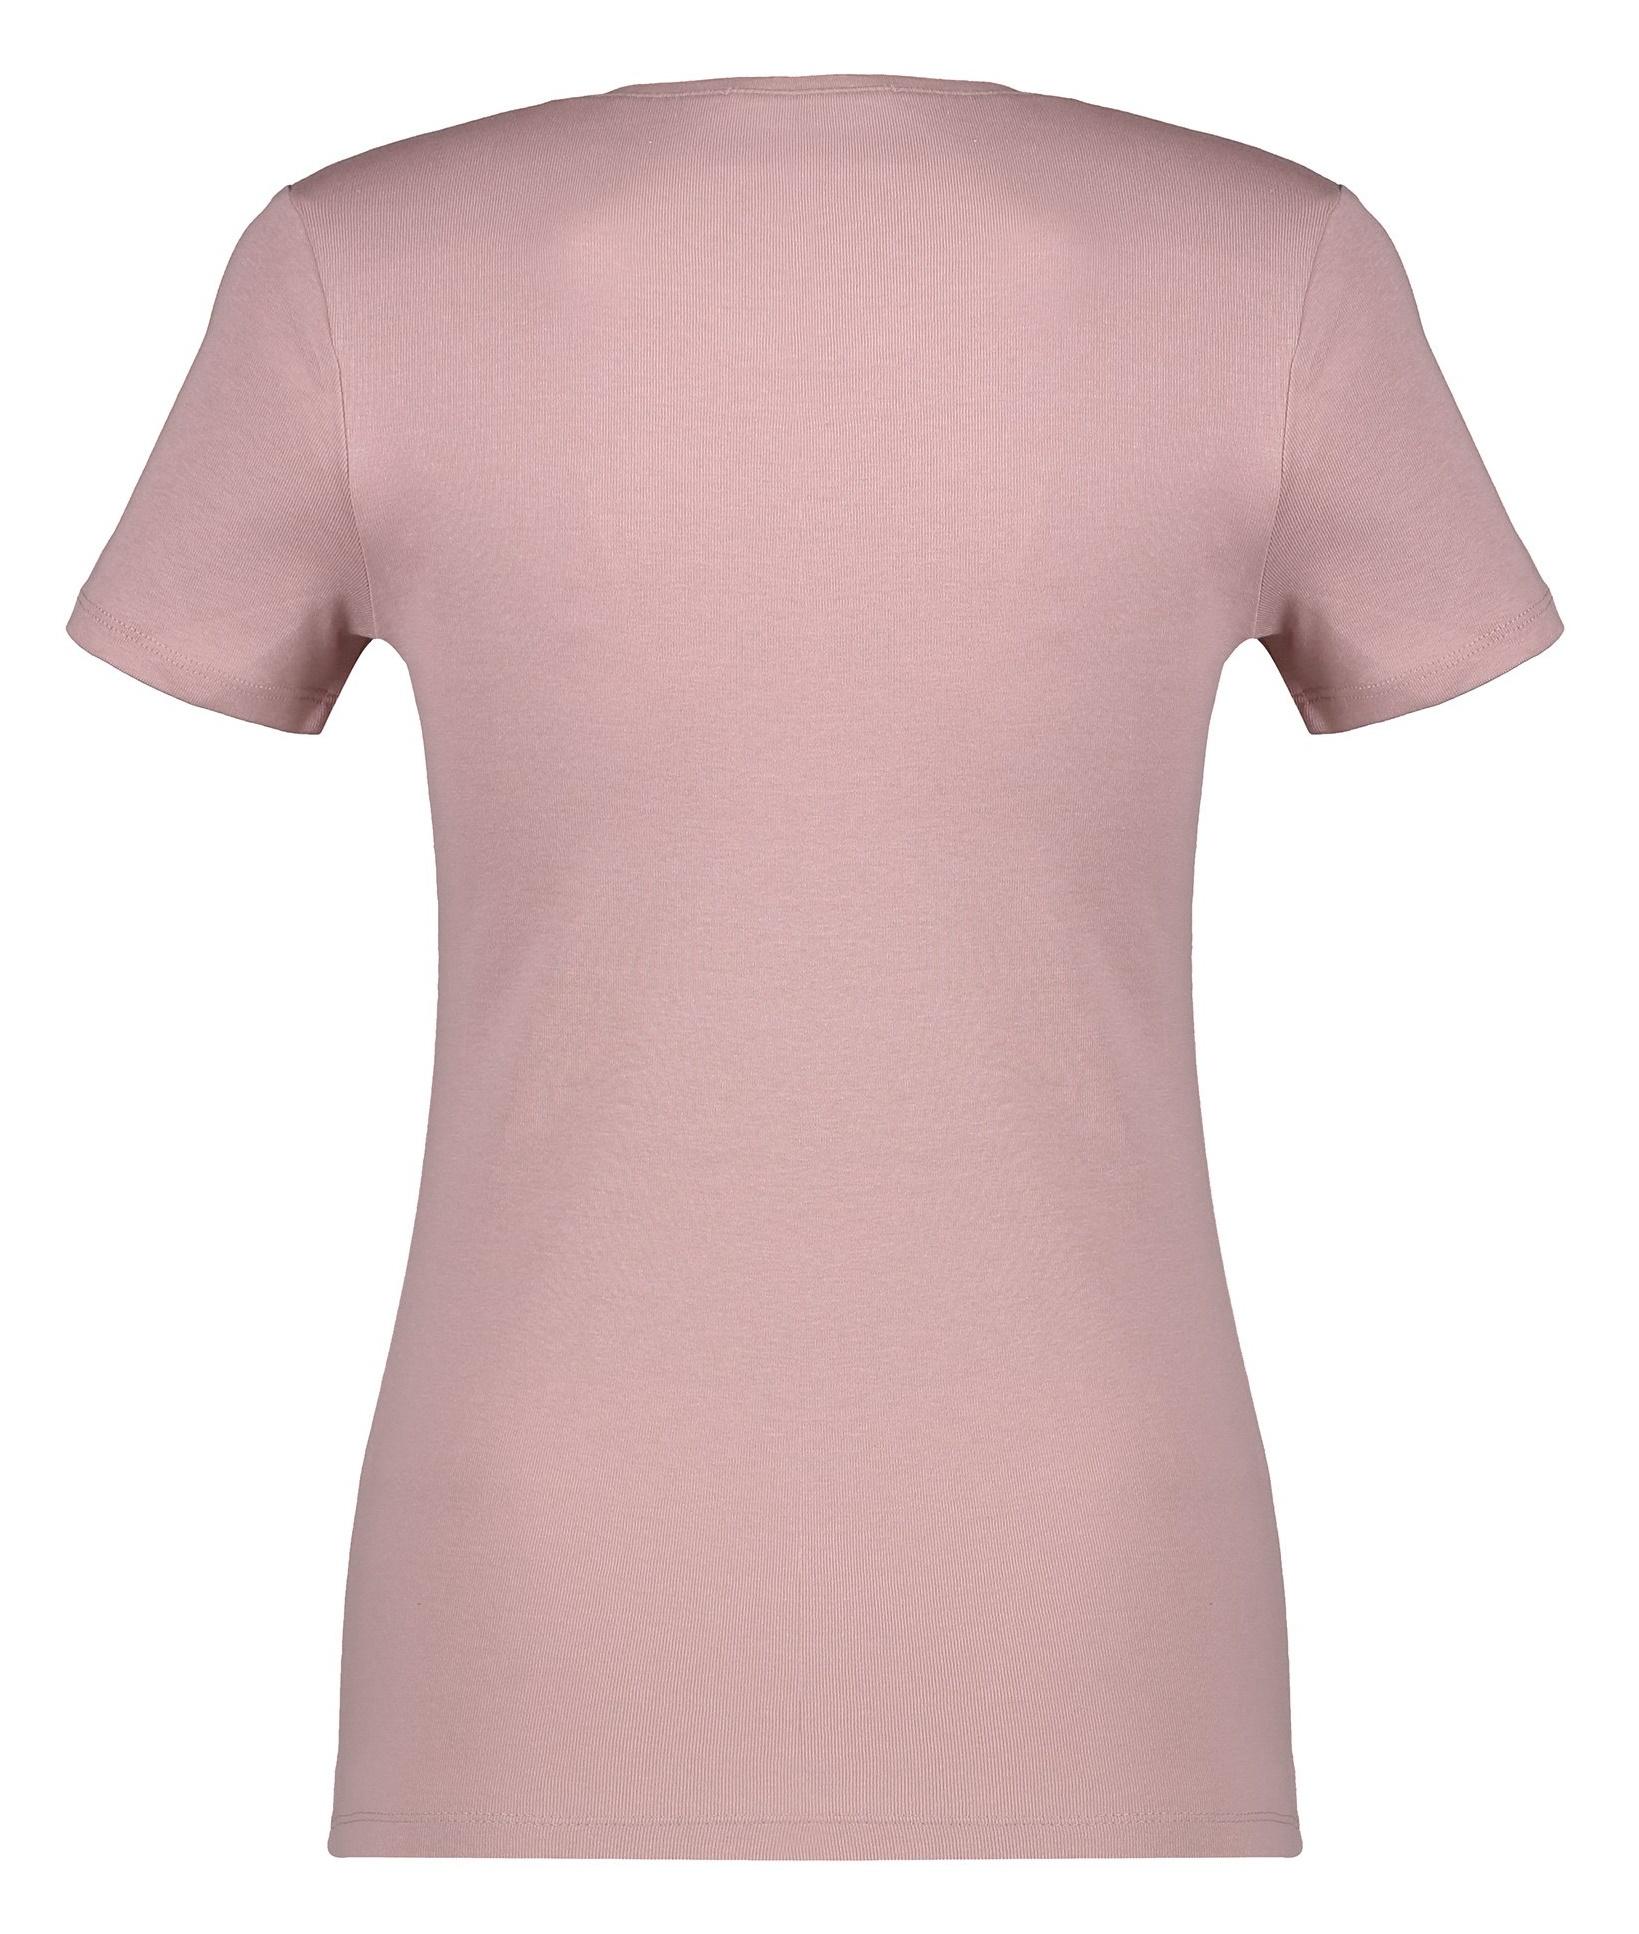 تی شرت نخی یقه گرد زنانه - اس.اولیور - رز گلد - 4